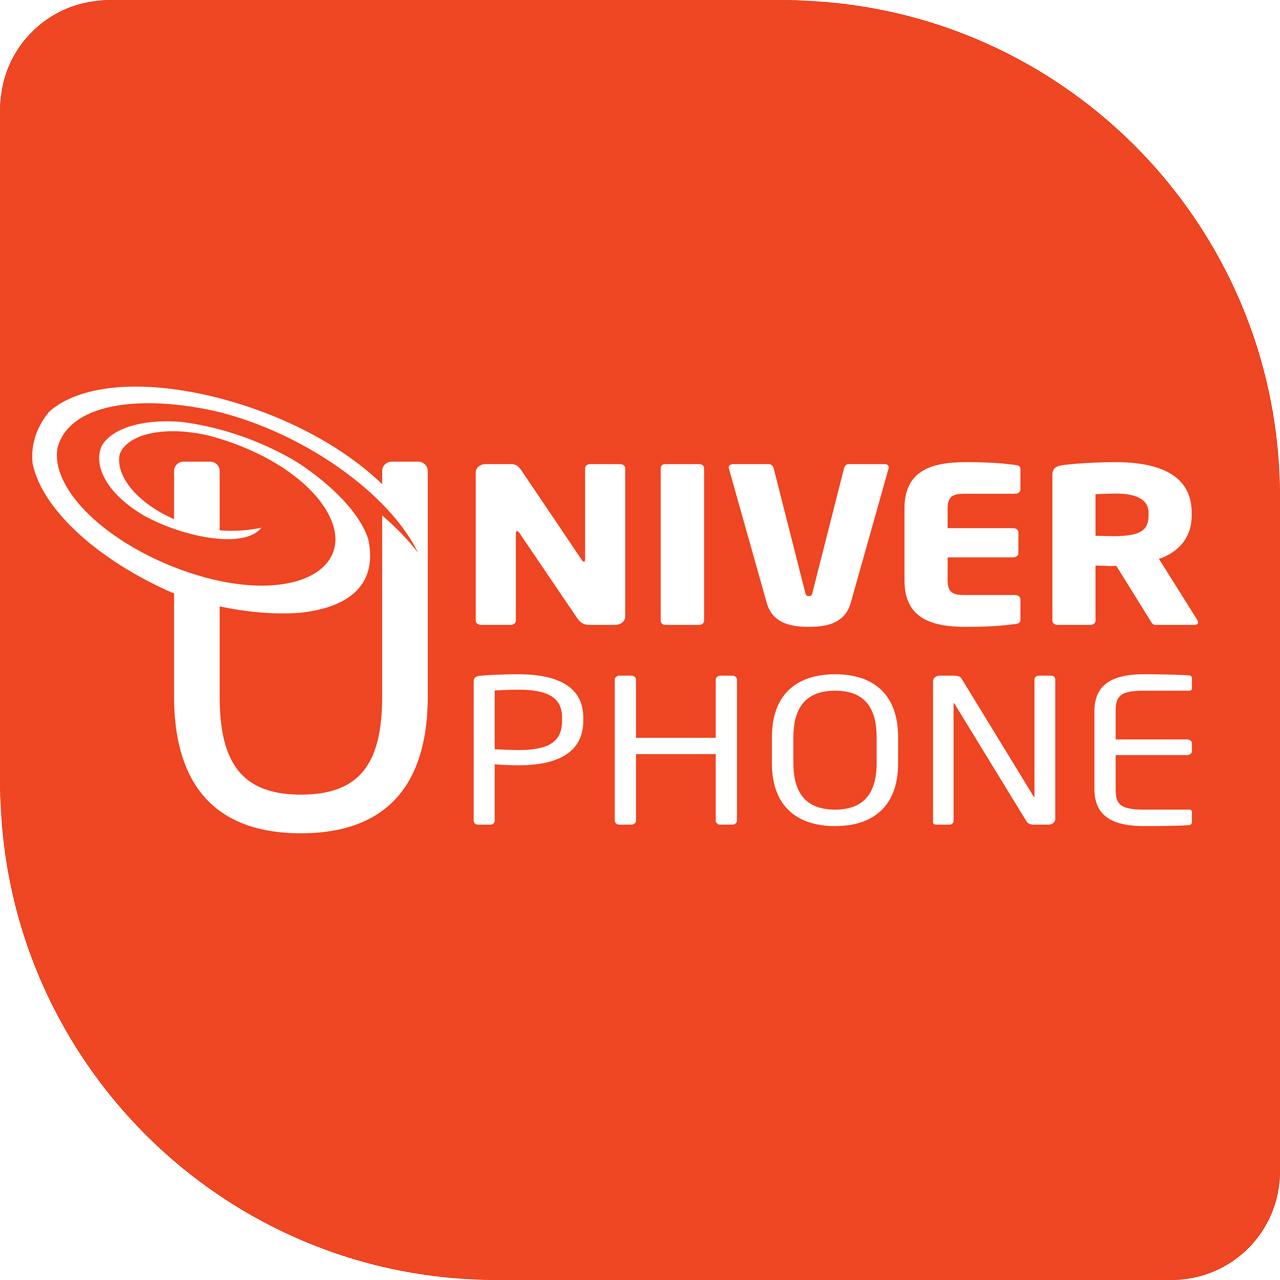 Univer Phone Réparation Cellulaire Réparation Téléphone Réparation Iphone Réparation Samsung Réparation Google Pixel Réparation Huawei Réparation LG Réparation HTC Réparation Tablette Réparation Ipad